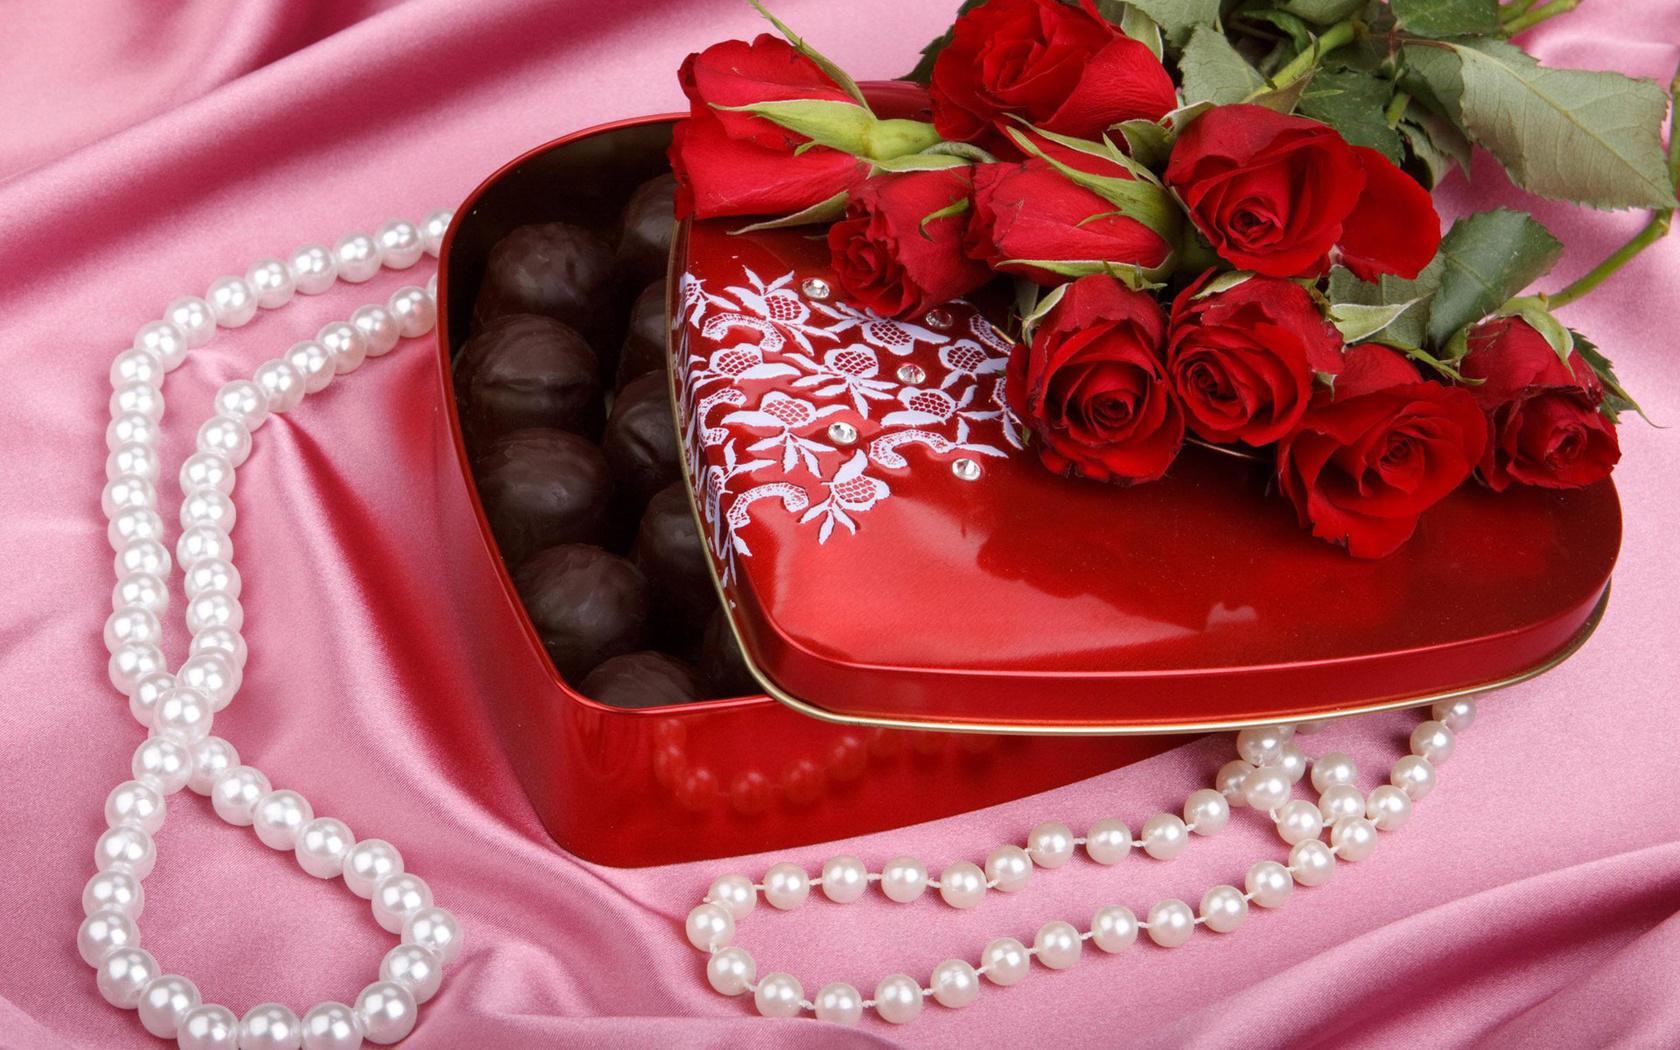 Шампанским, картинка поздравления с 8 марта цветы и конфеты